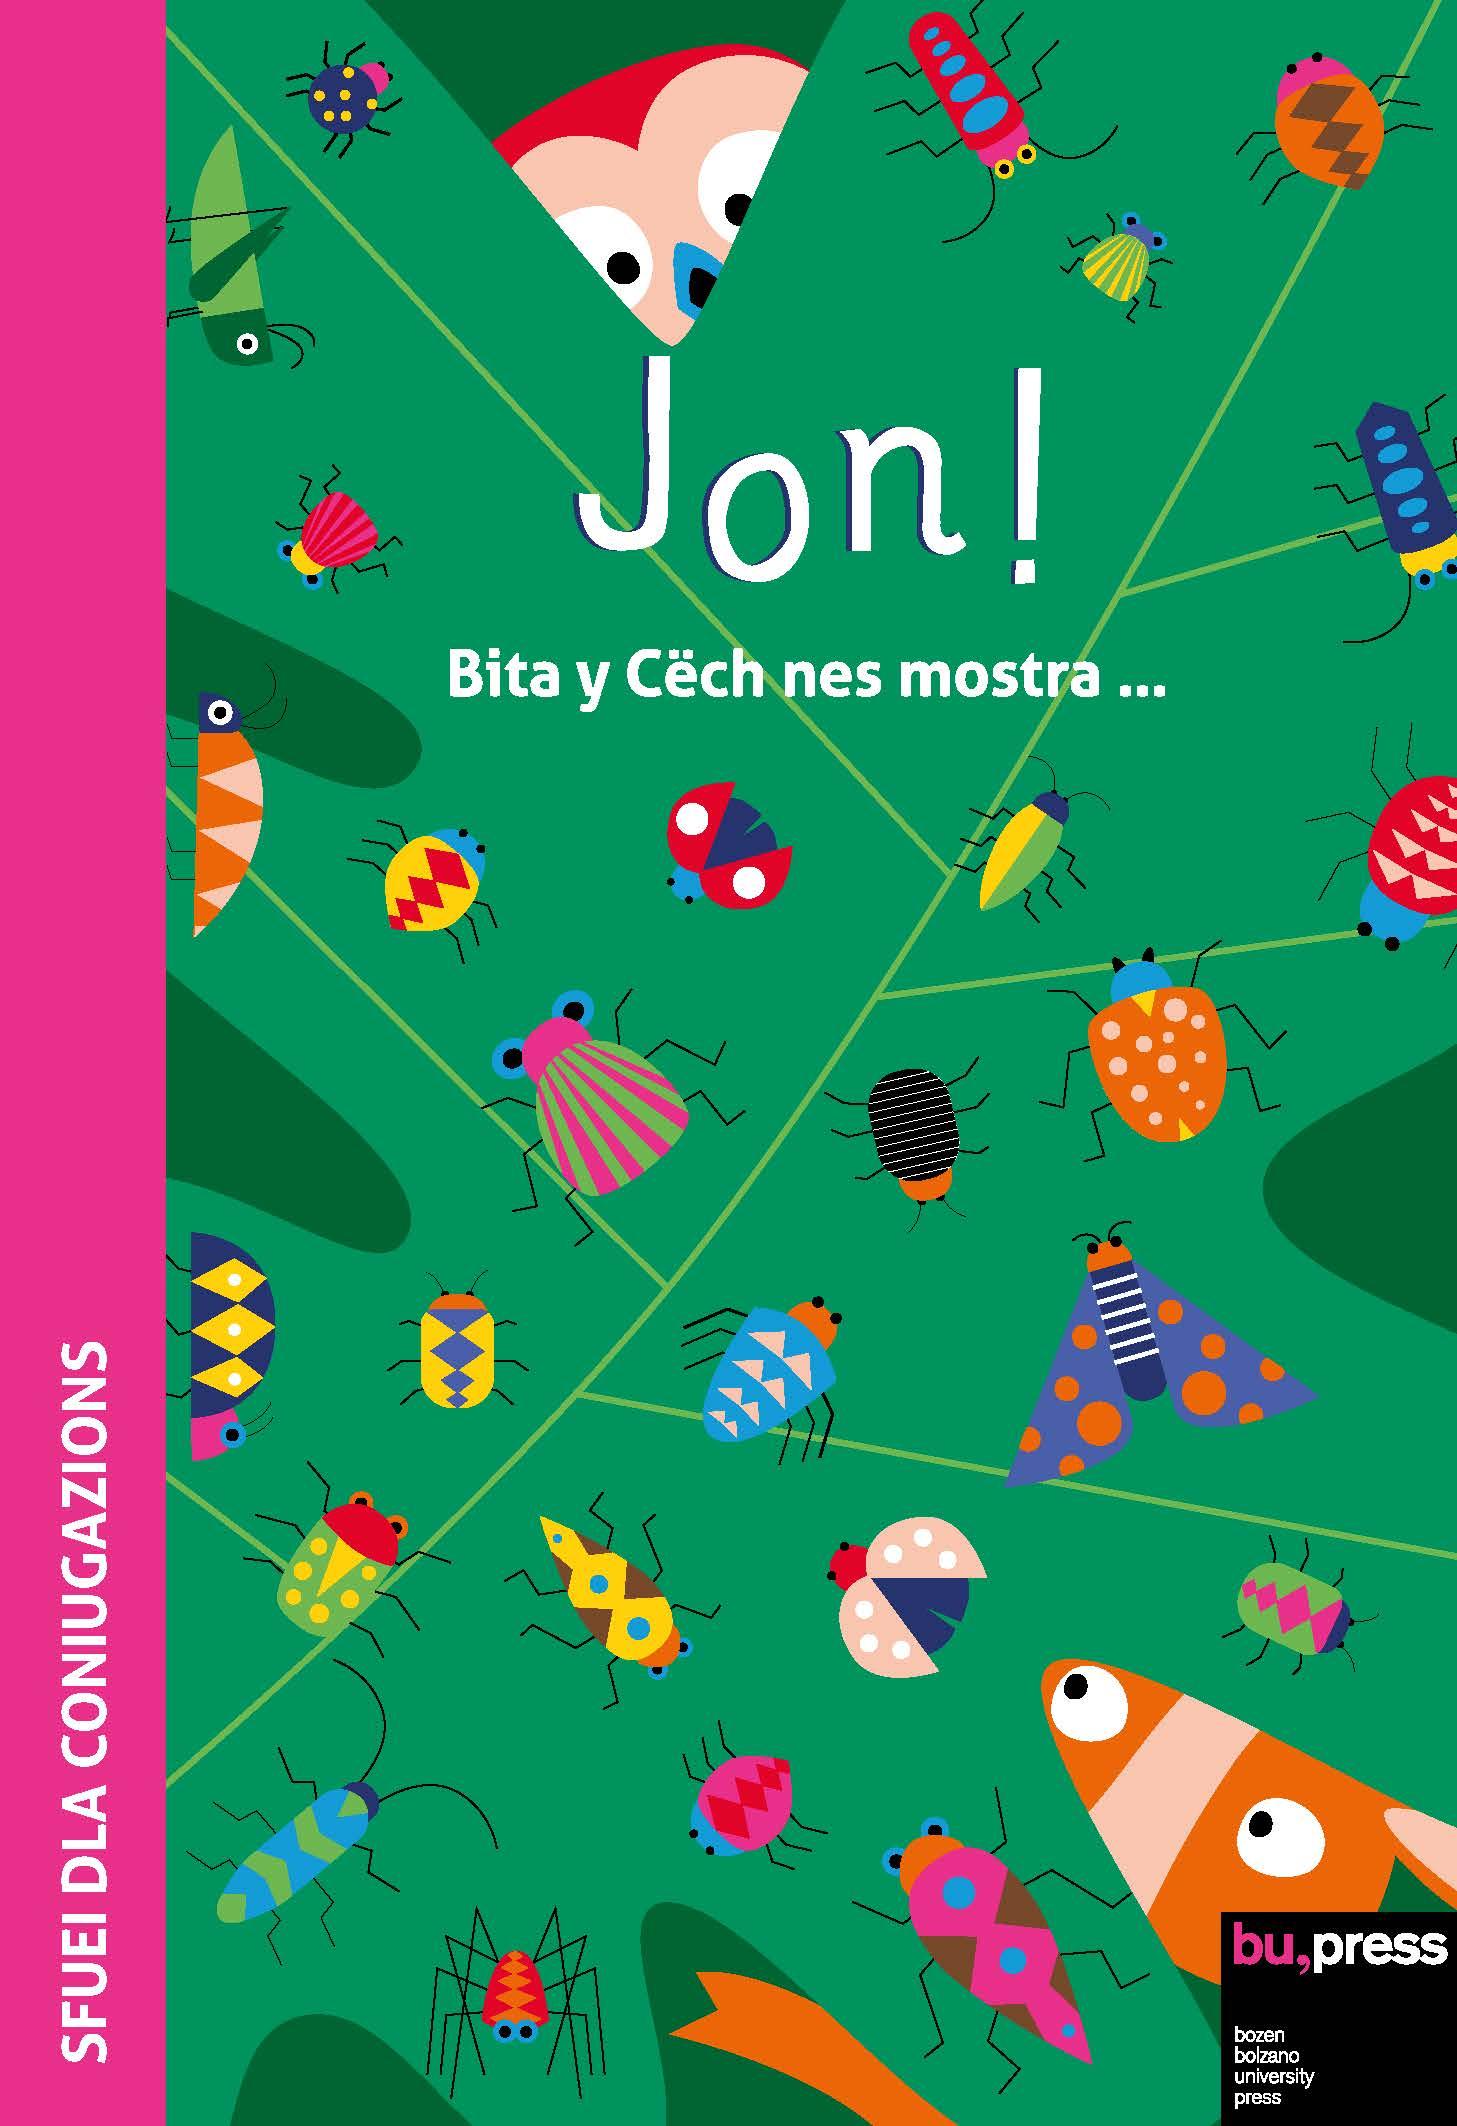 Cover of Jon! Sfuei dla coniugazions